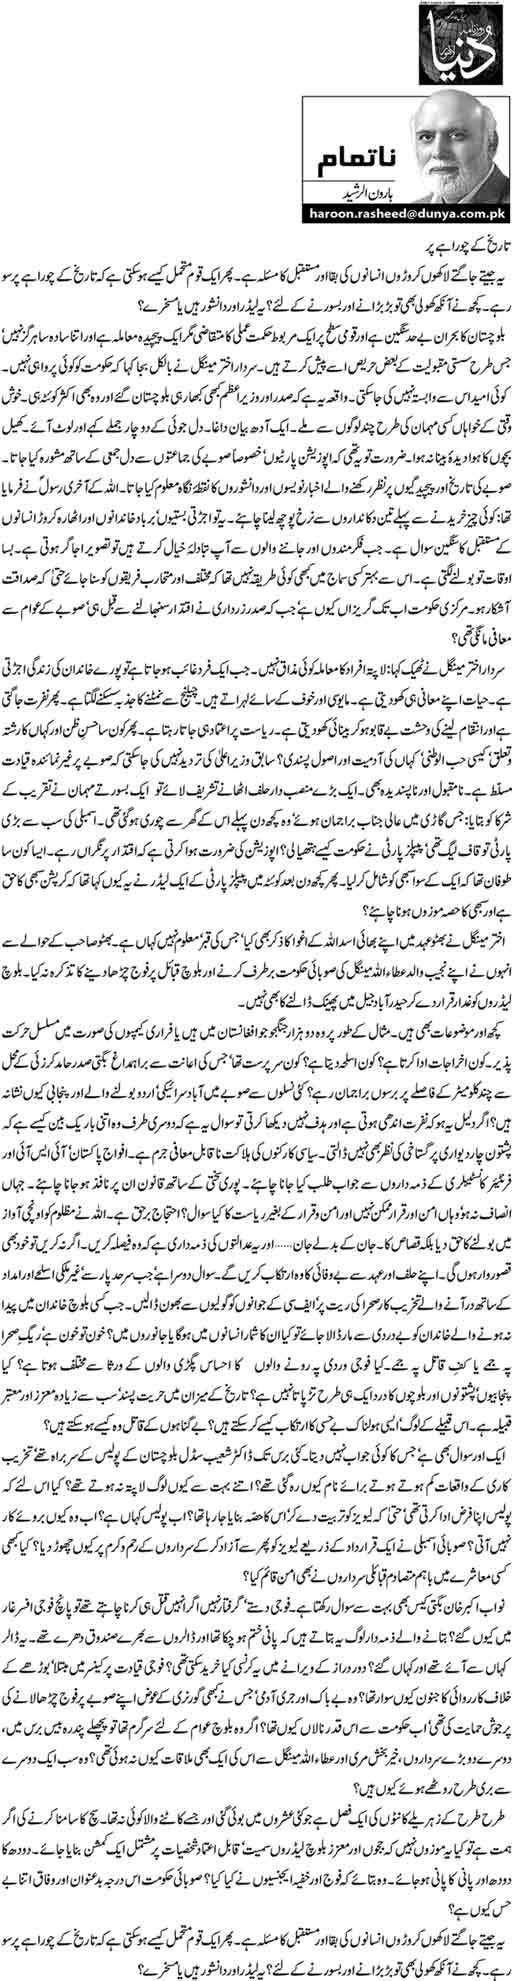 Tareekh k chaurahay par - Haroon-ur-Rasheed